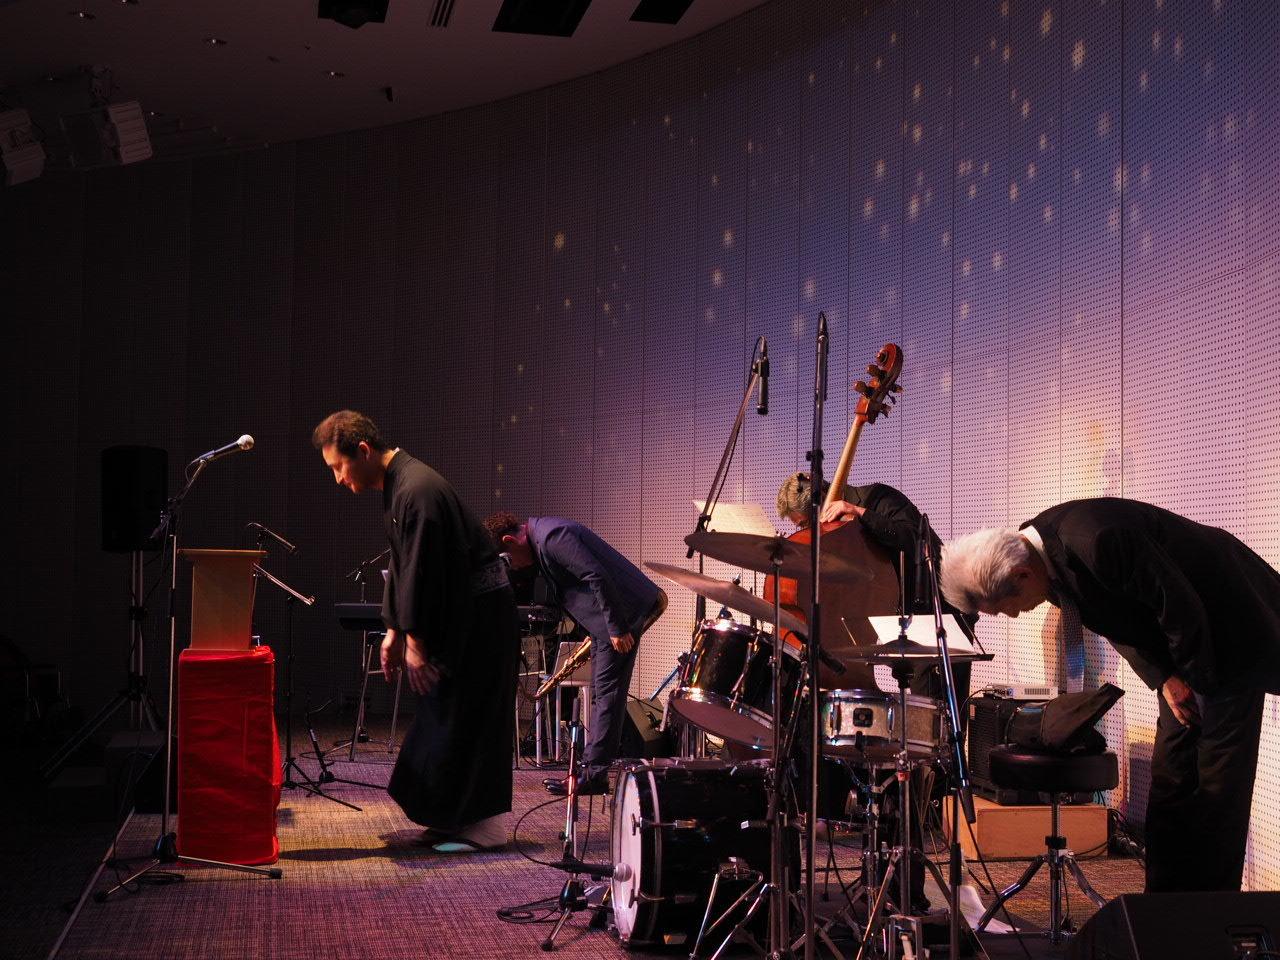 ジャズ講談のコンサートでした 2020年冬_f0135940_01560872.jpg